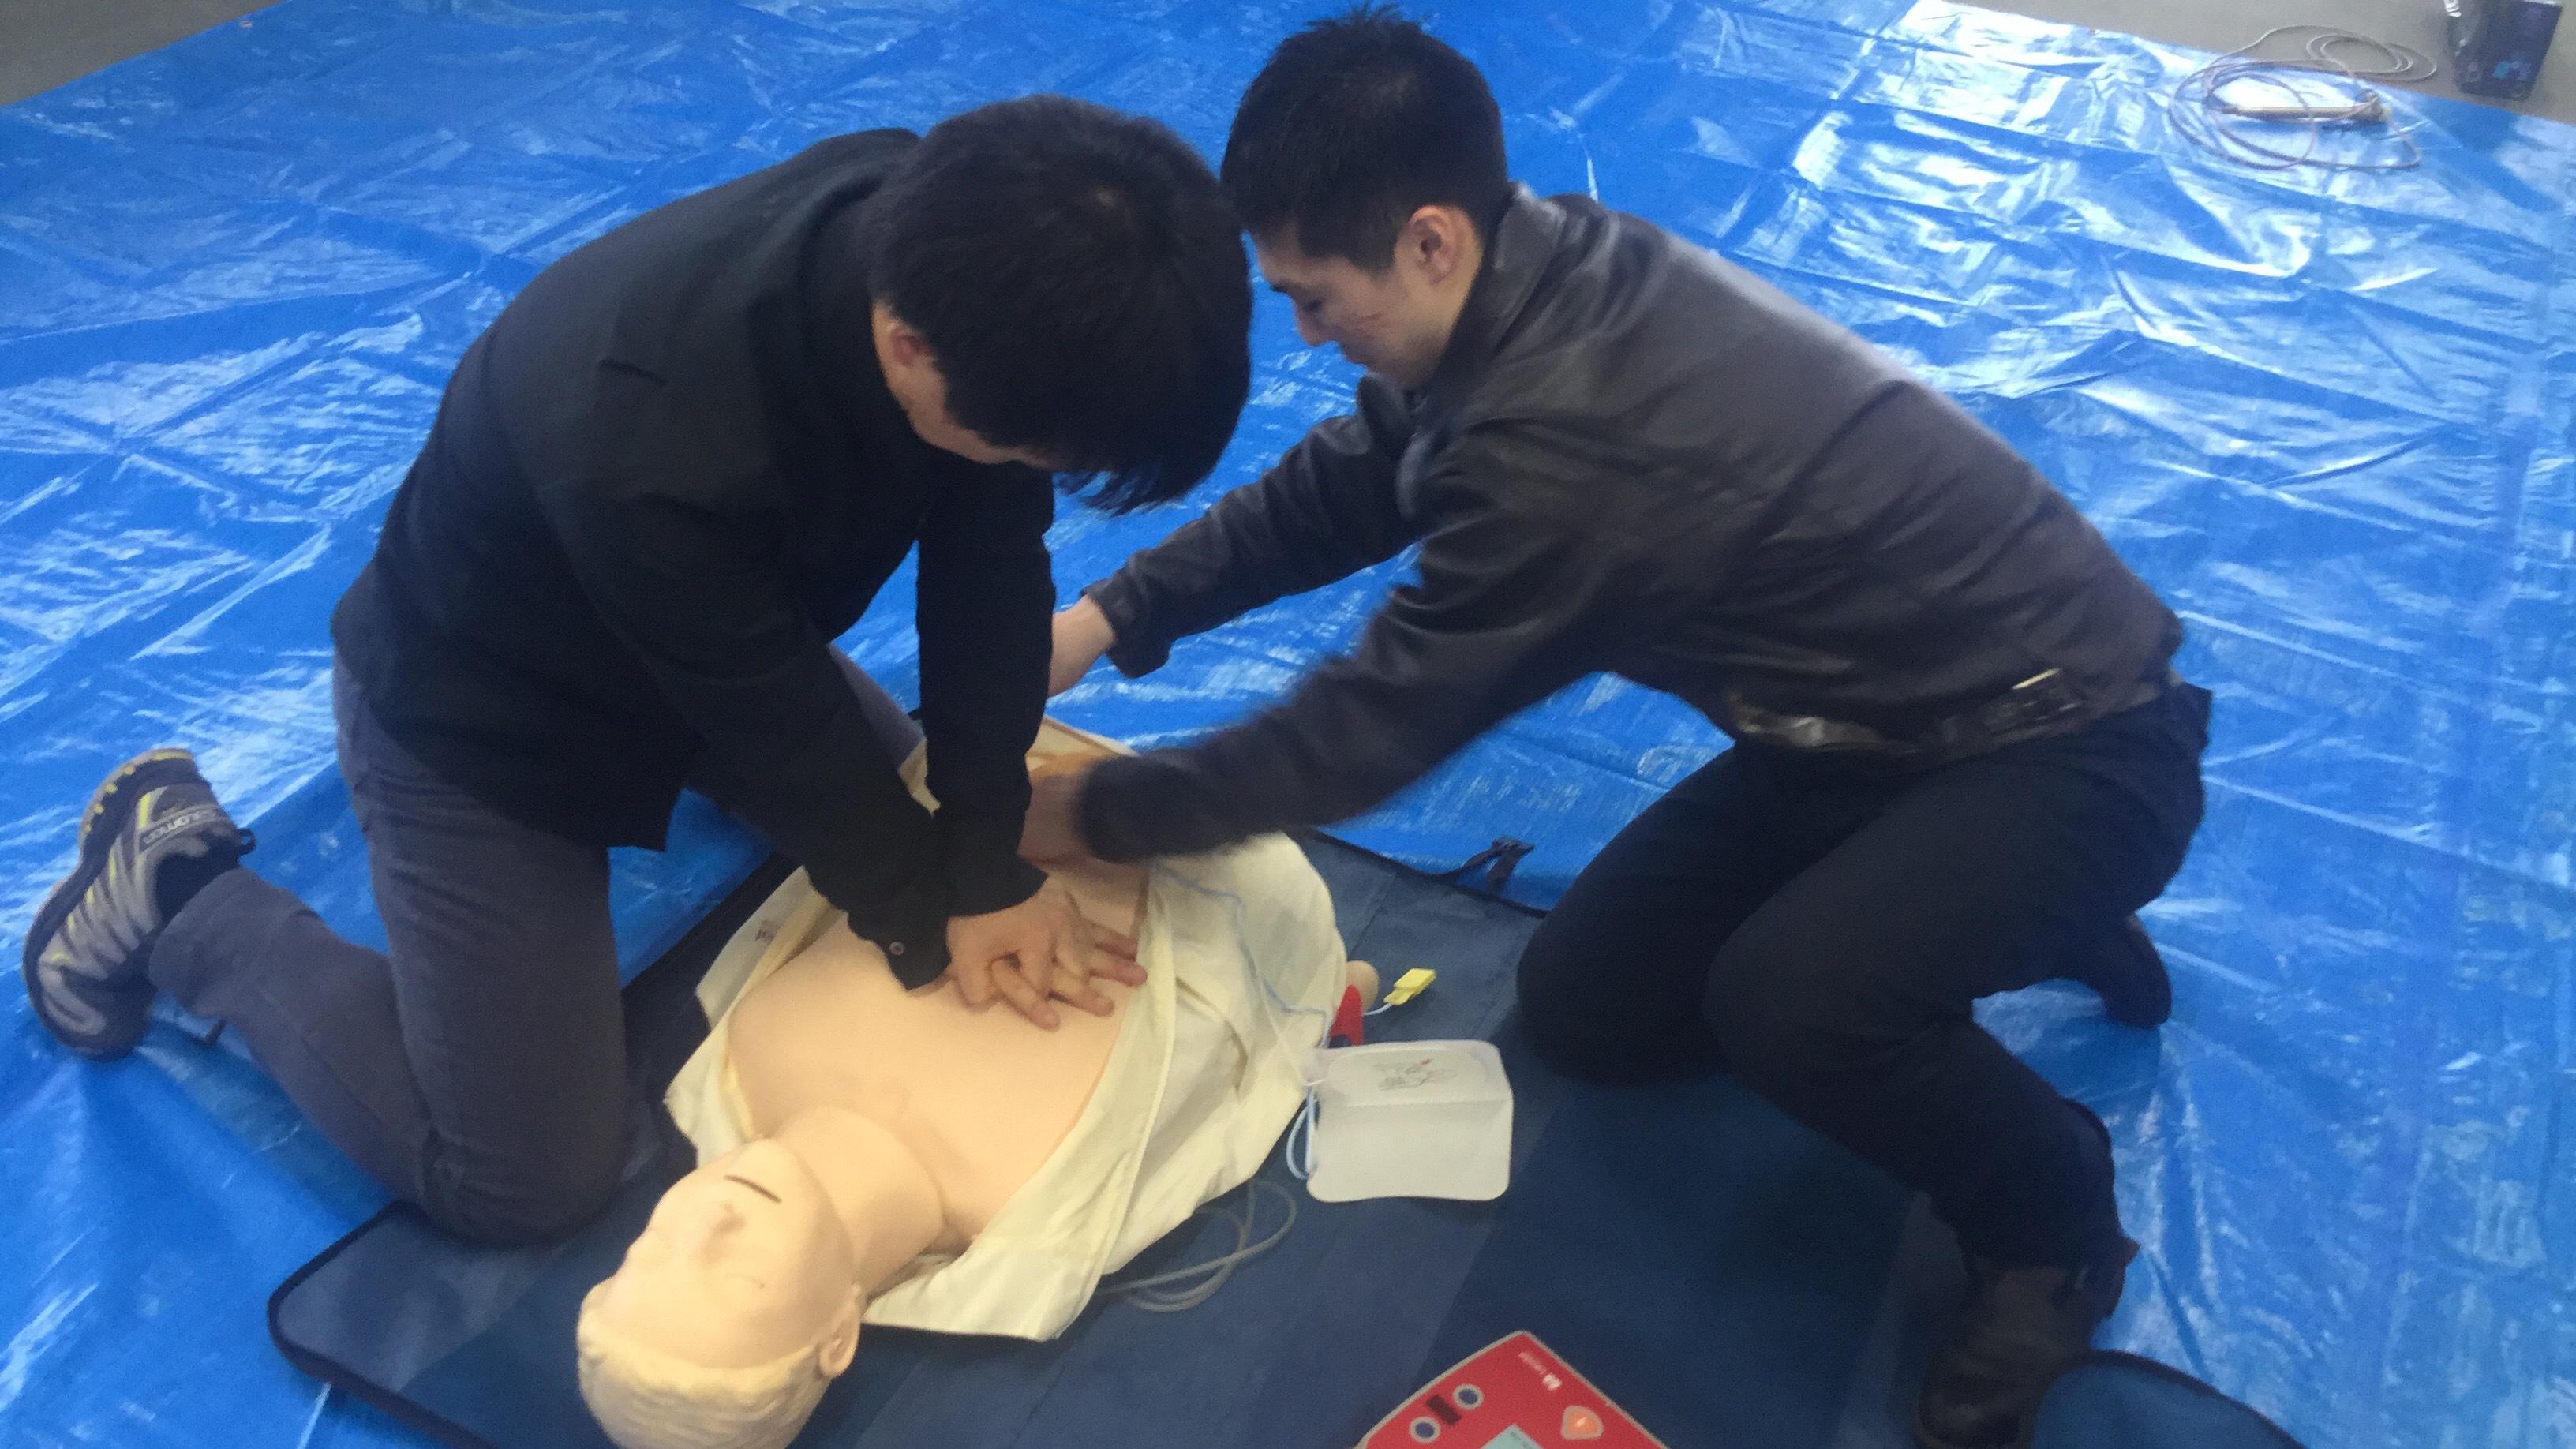 2017猿倉スキー場訓練 CPR見本見せてます